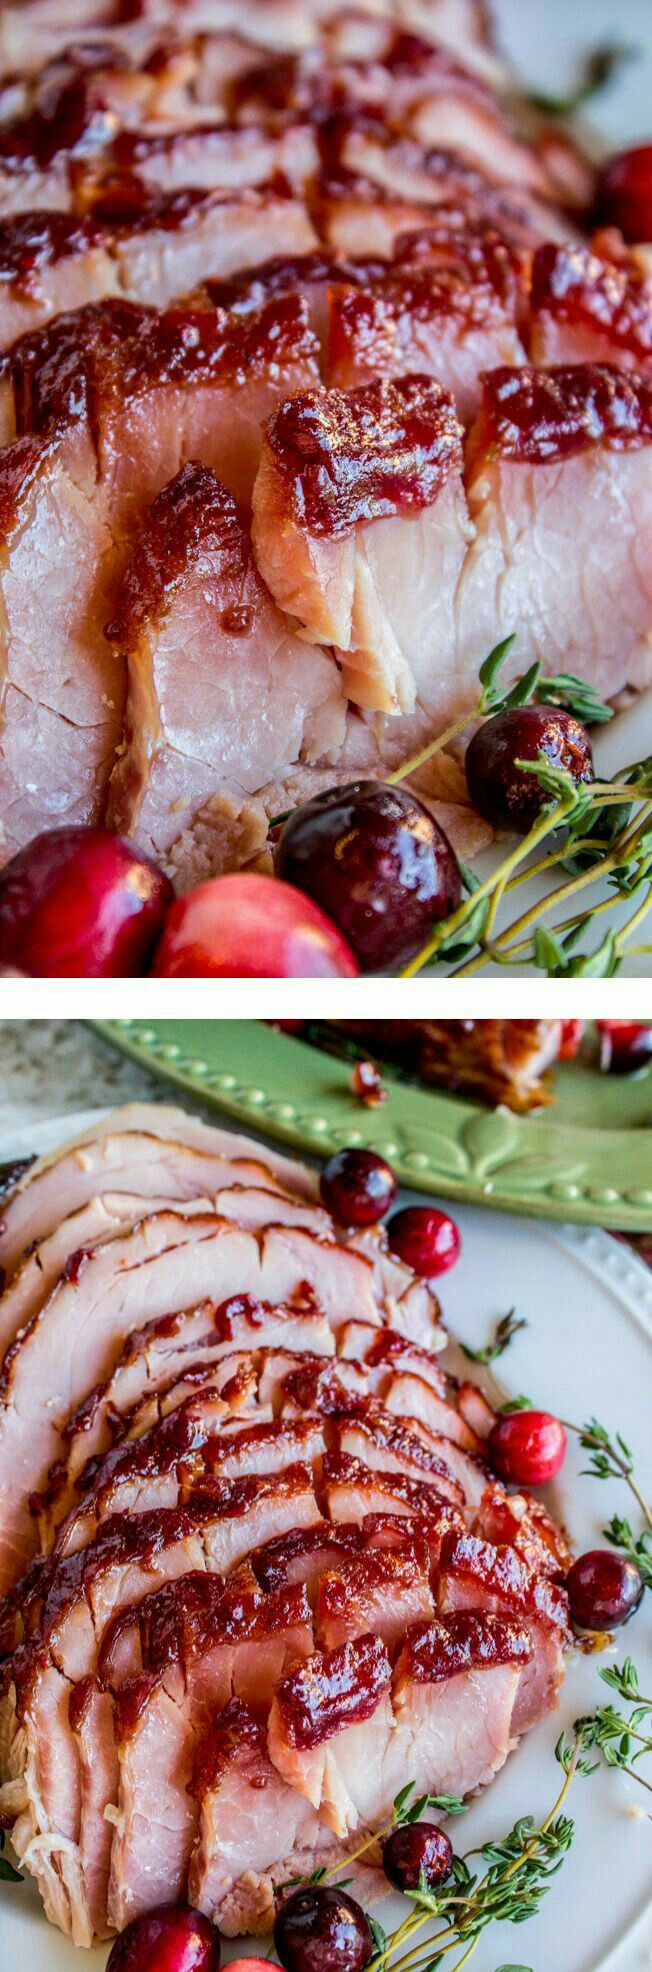 Esta receta de Pierna de Cerdo no podrá faltar en tu mesa en esta navidad.  #RecetasFaciles #RecetasParaNavidad